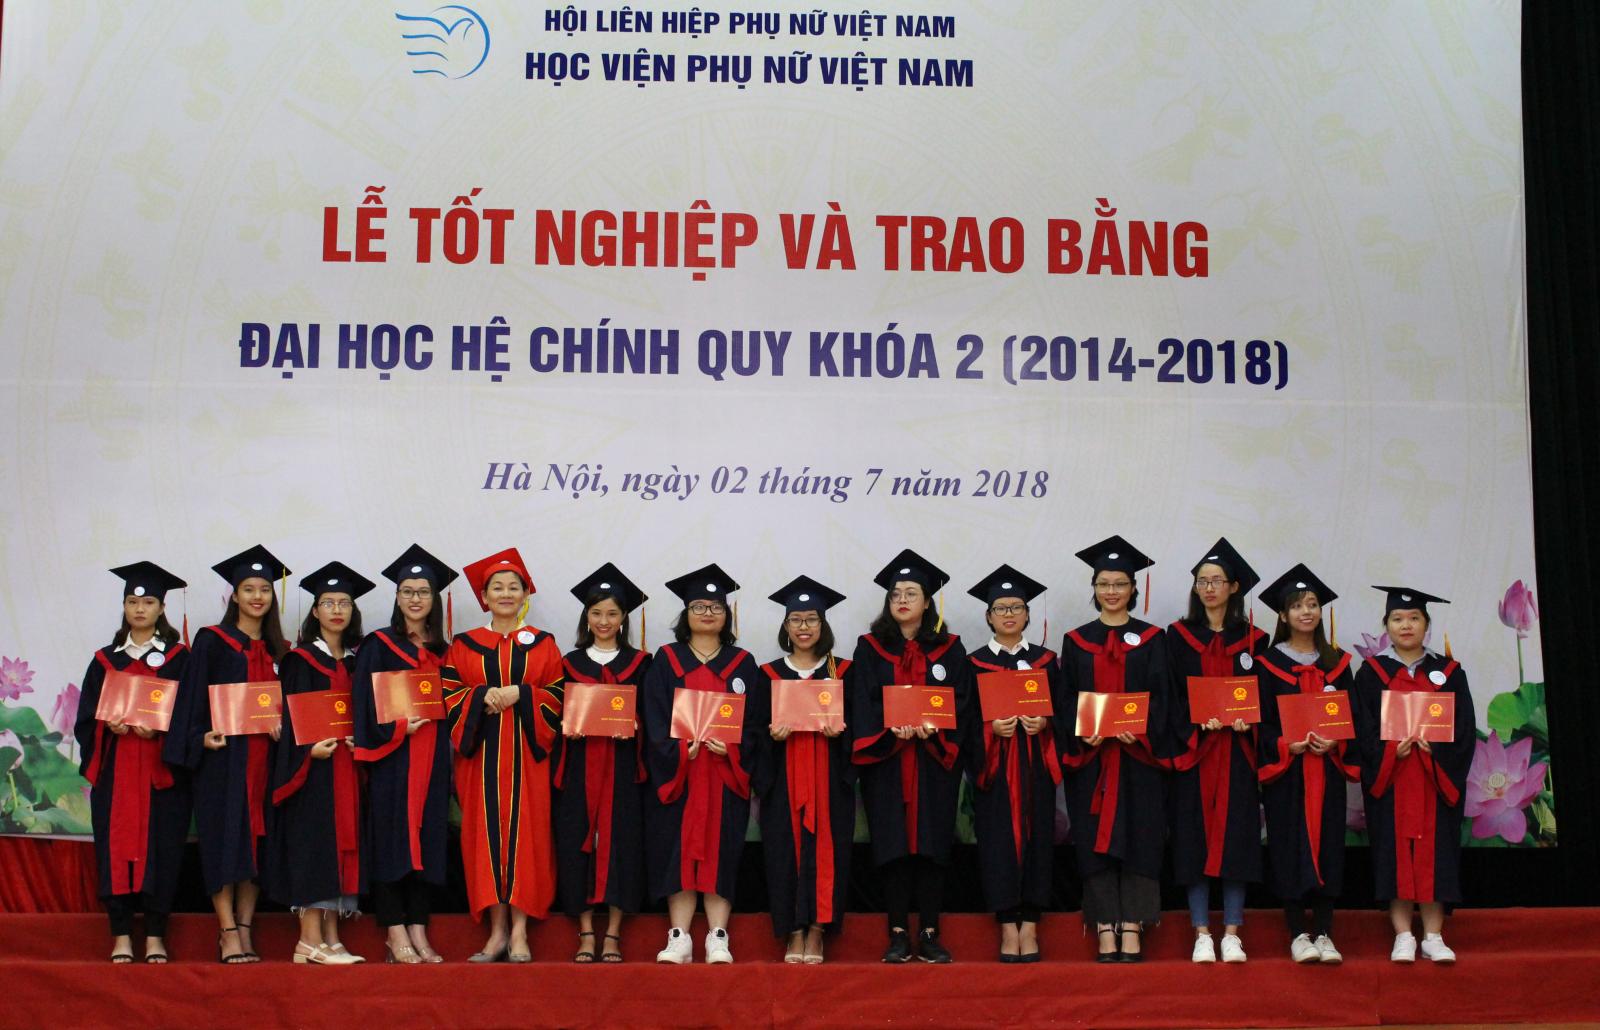 Phóng sự ảnh: Học viện Phụ nữ Việt Nam trao bằng cho 174 cử nhân khóa 2